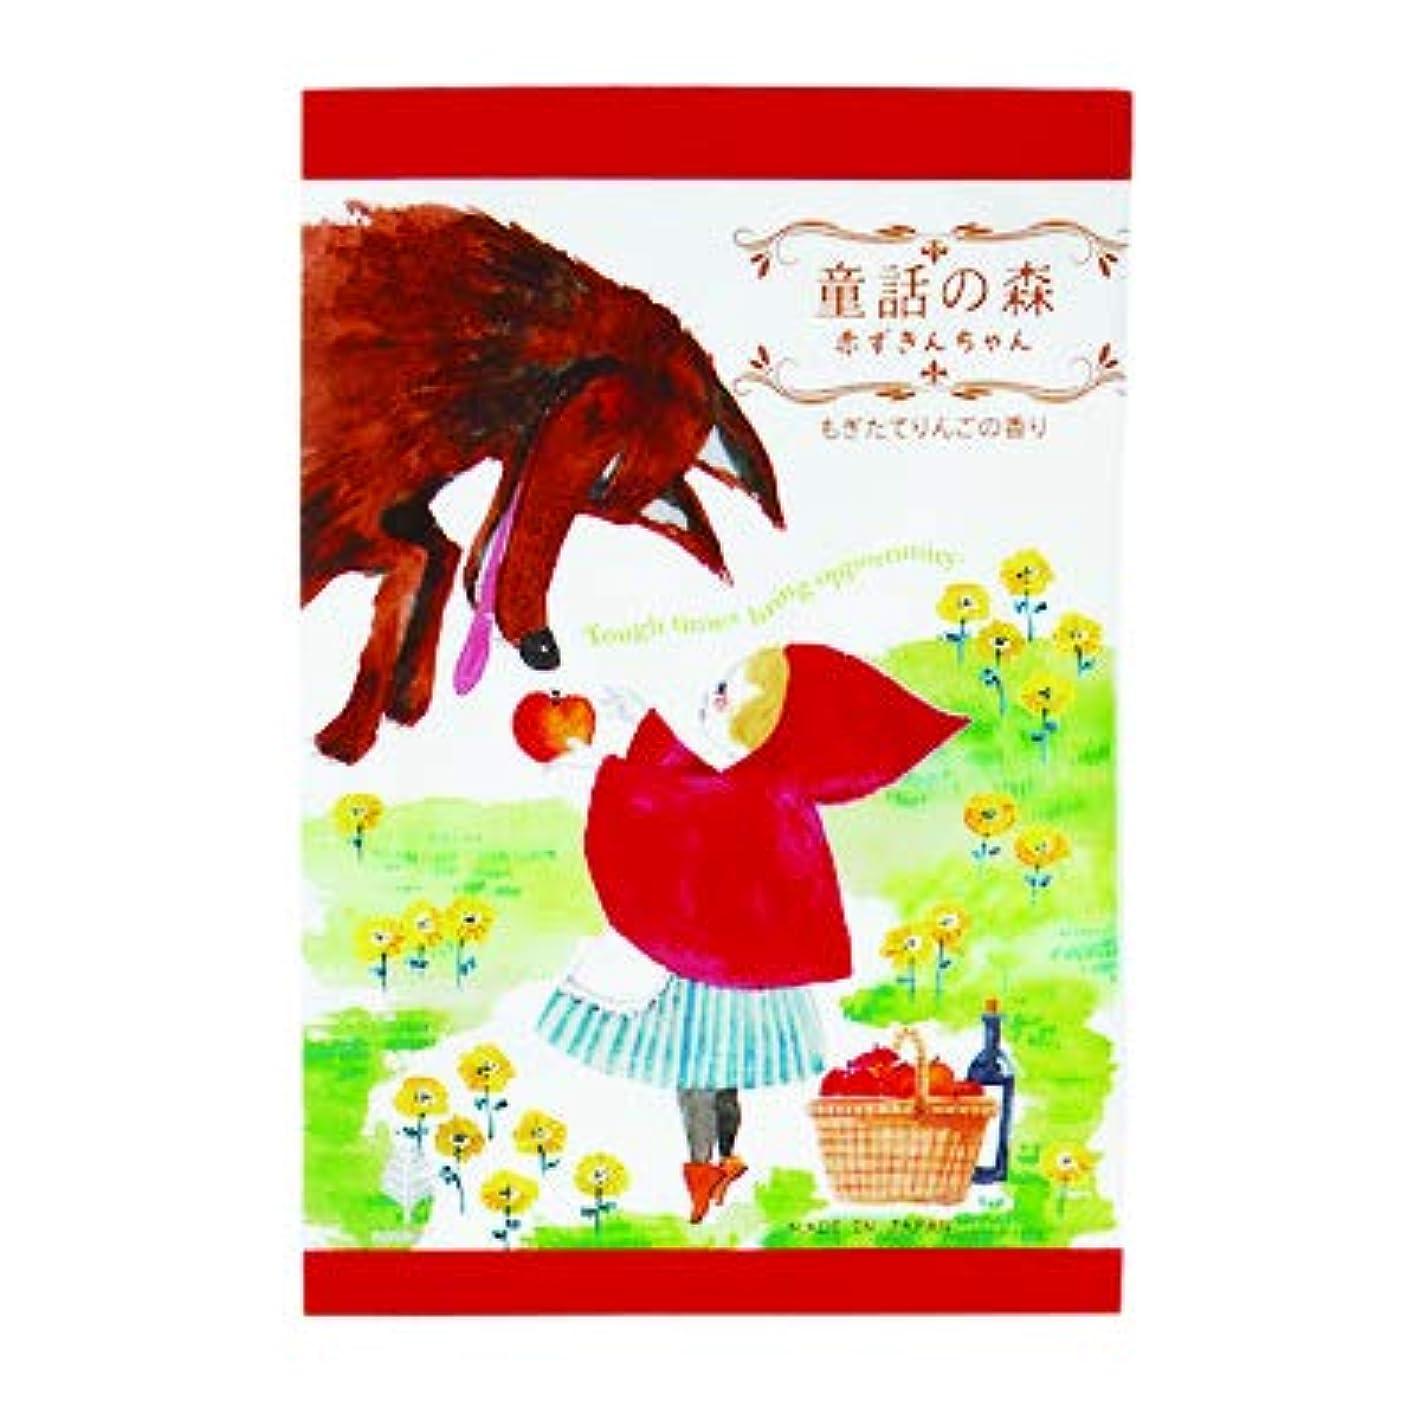 医療過誤中央値なぜなら【まとめ買い6個セット】 童話の森 赤ずきんちゃん